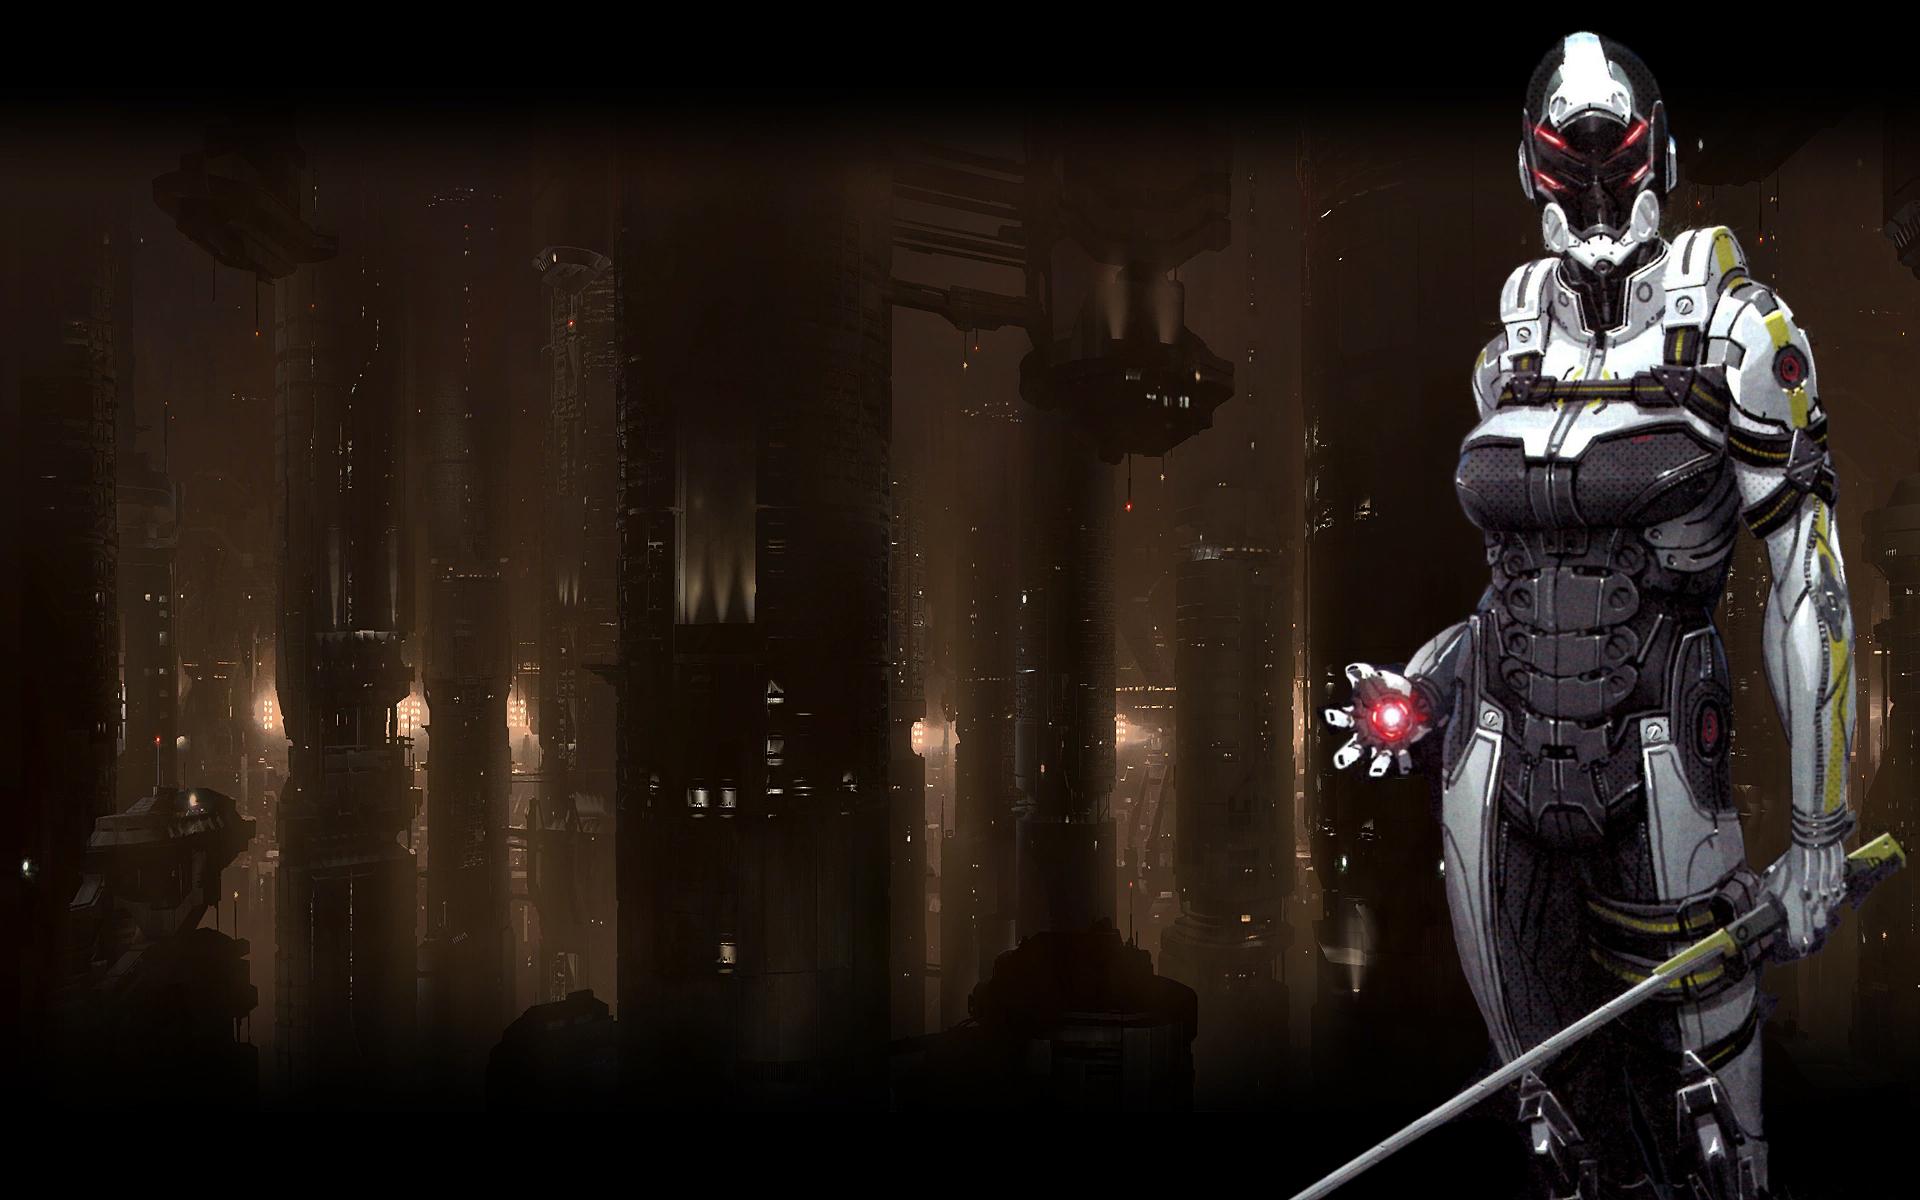 Mass Effect 3 Phantom Wallpaper By Droot1986 On Deviantart